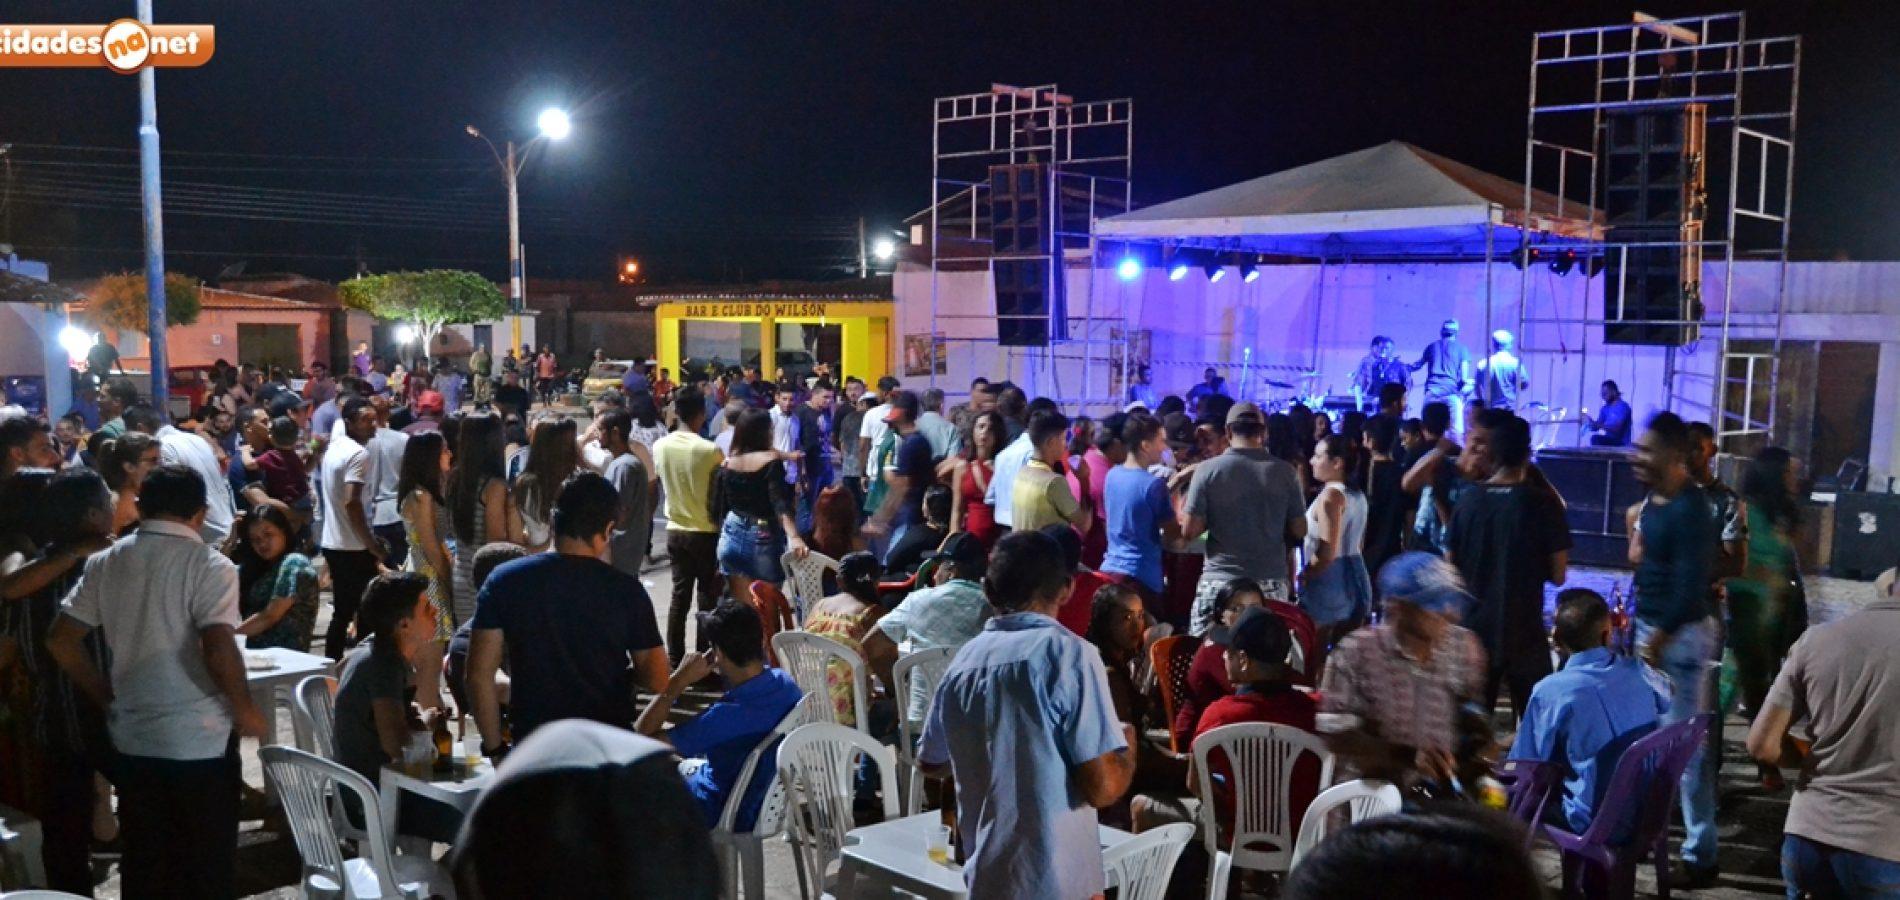 FOTOS | Show com Jorge do Acordeon nos festejos de Belém do Piauí